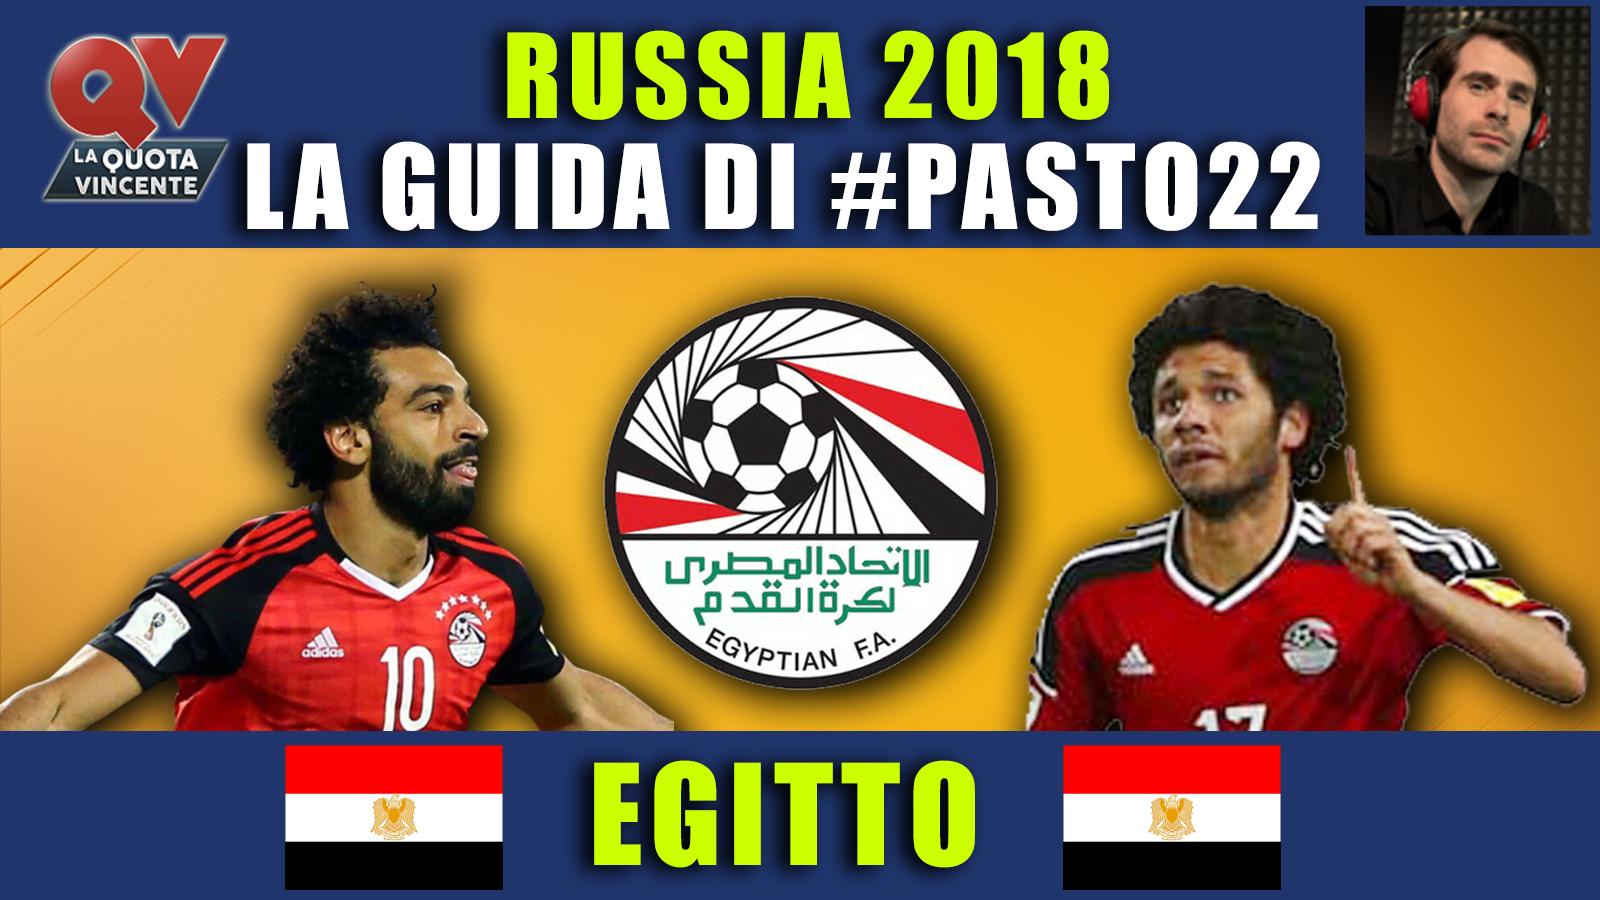 Guida Mondiali Russia 2018 Egitto